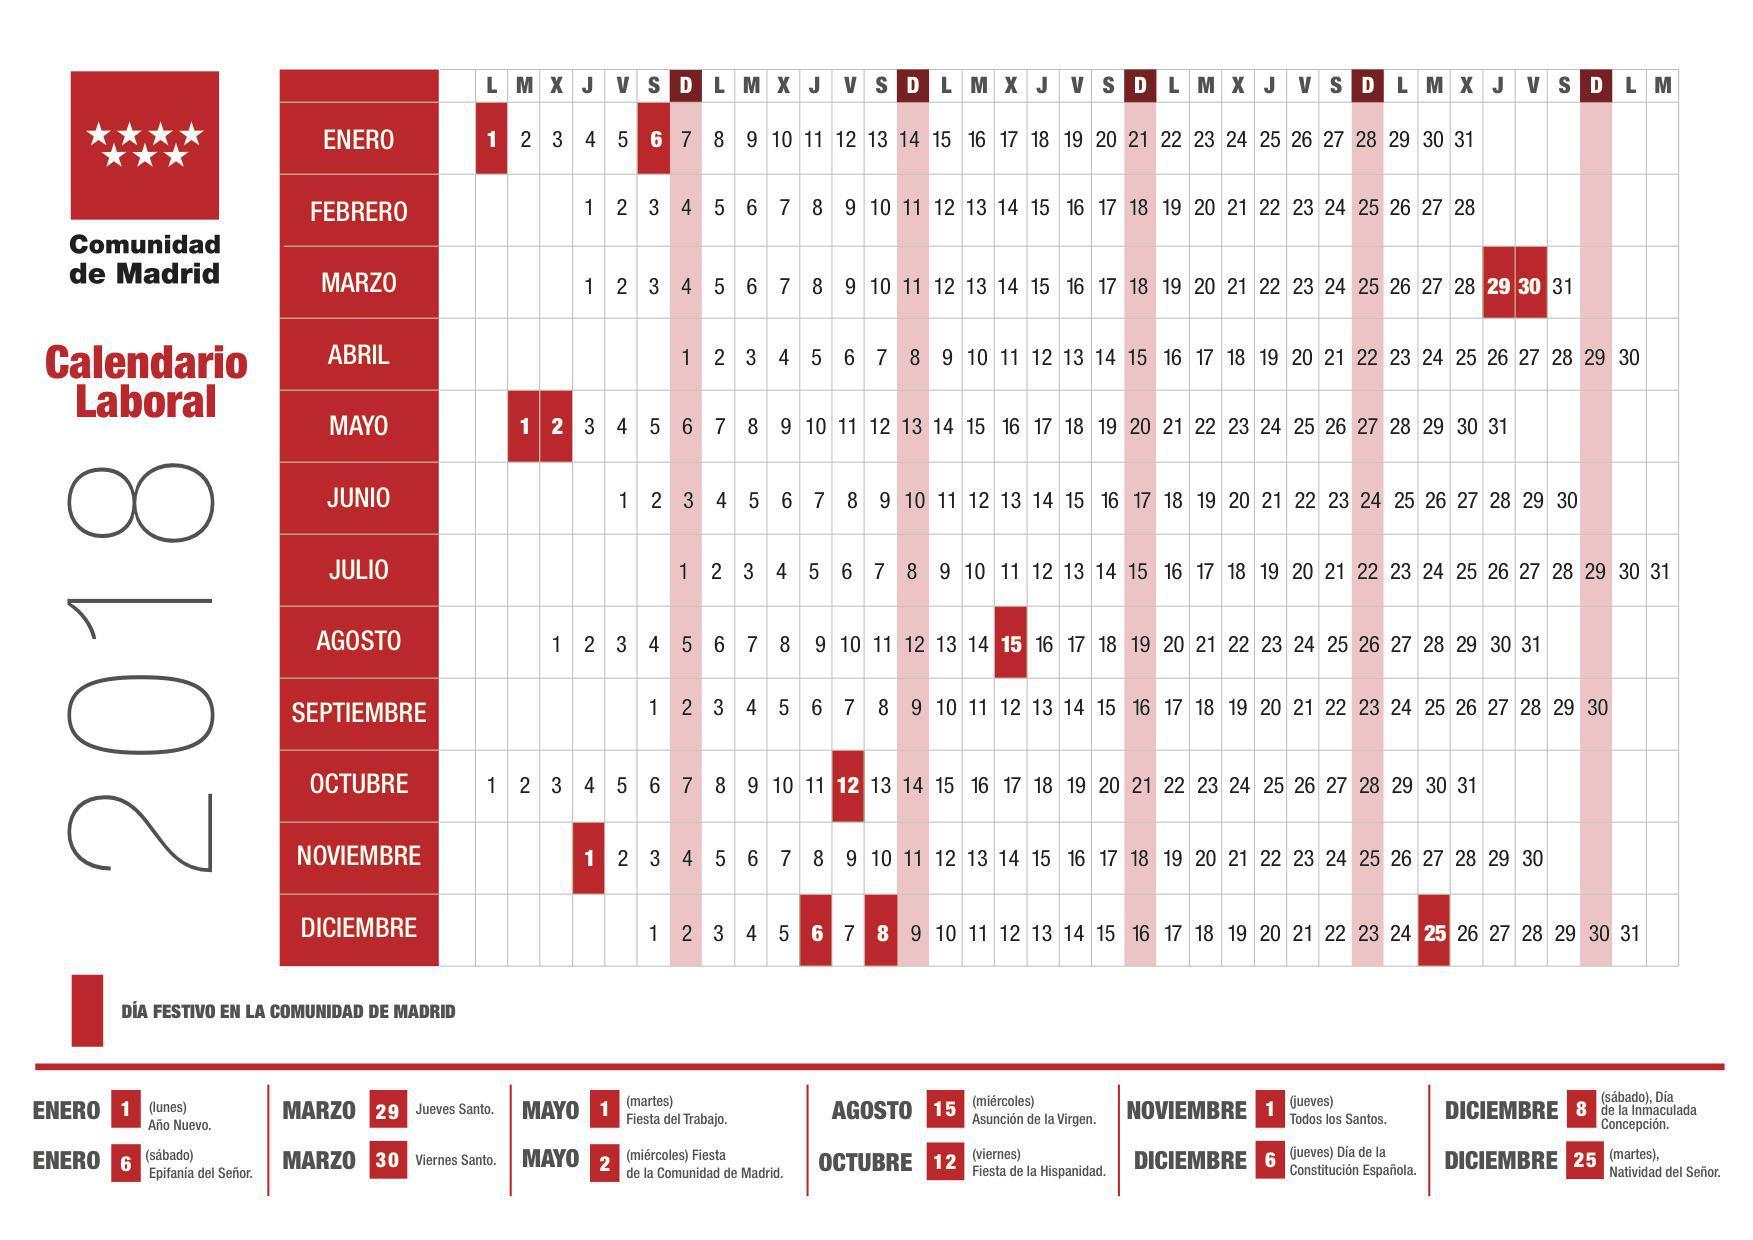 Calendario Del Madrid.La Comunidad De Madrid Aprueba El Calendario Laboral De 2018 Con 12